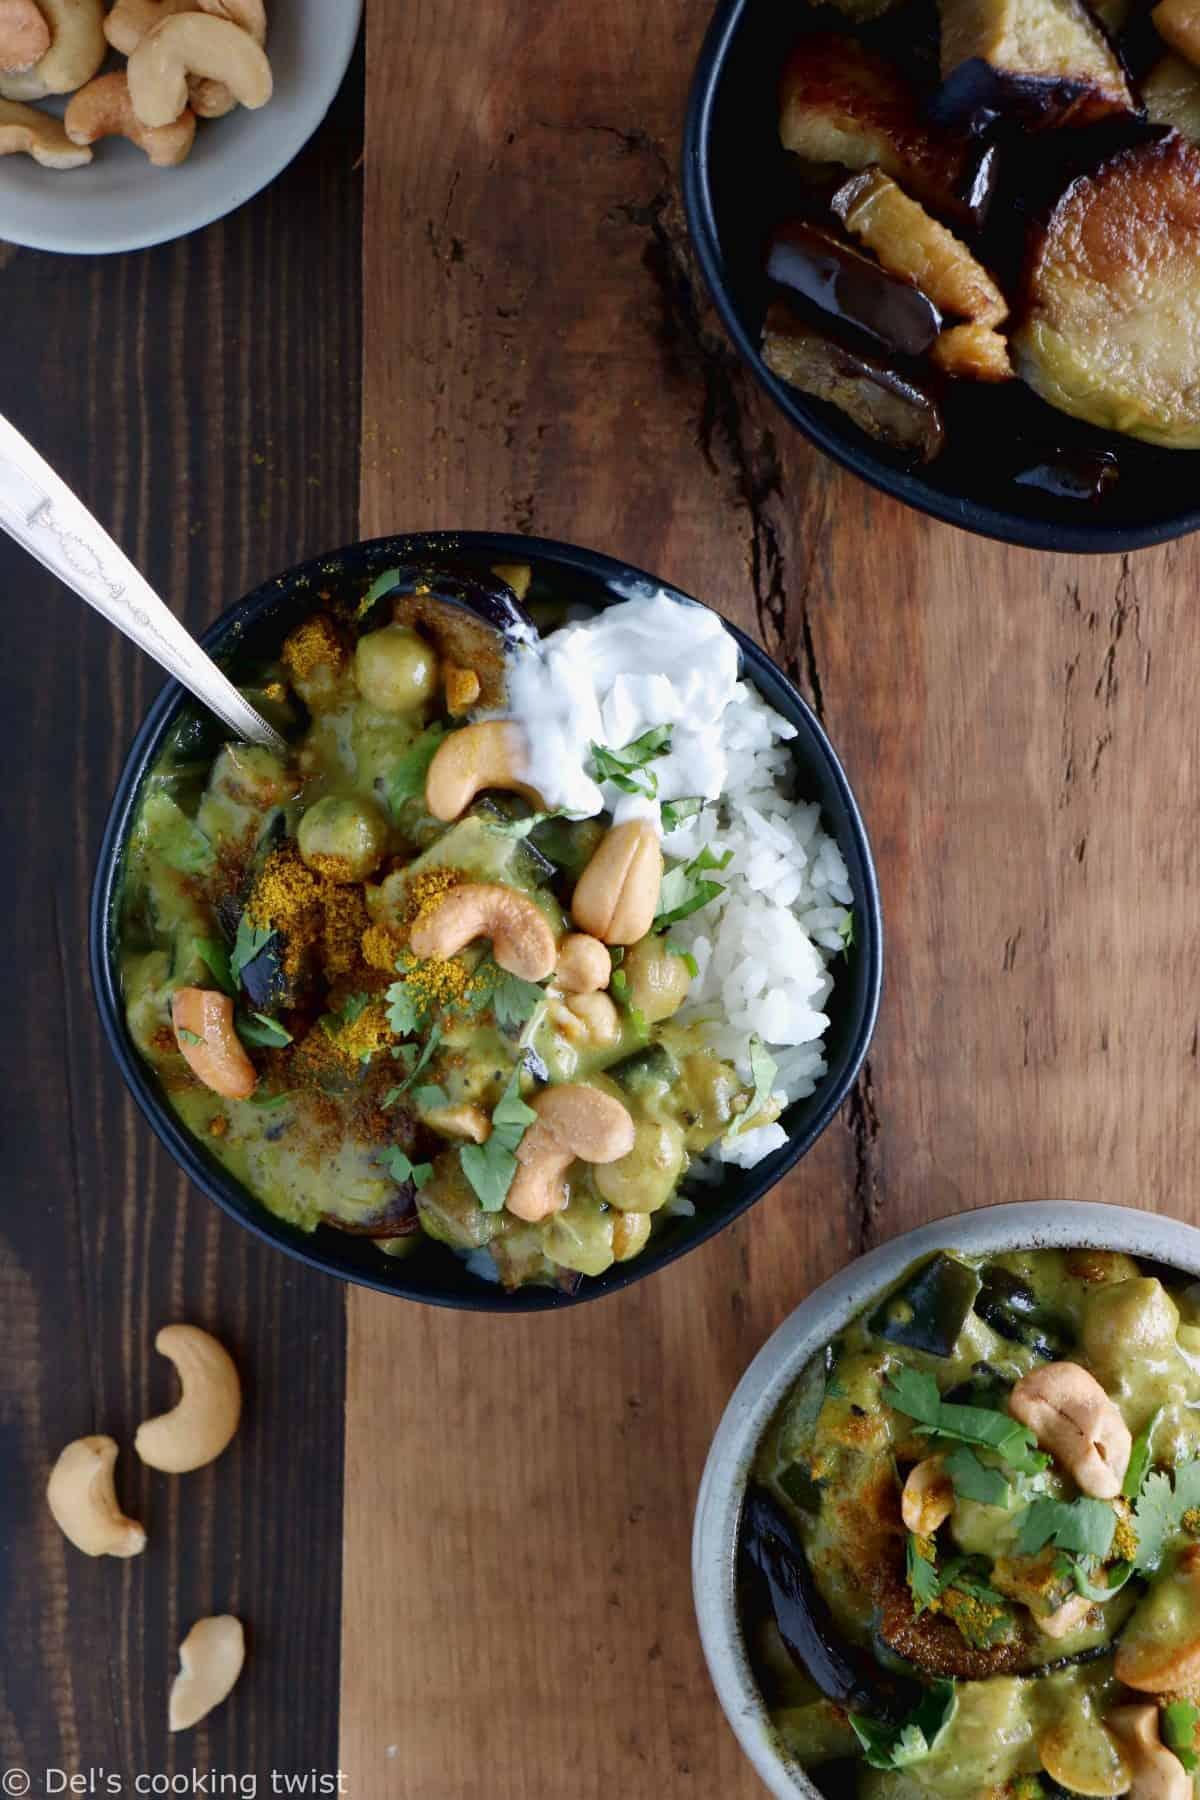 Ce curry d'aubergine et pois chiches vegan et sans gluten constitue un plat rapide, crémeux et riche en protéines végétales.